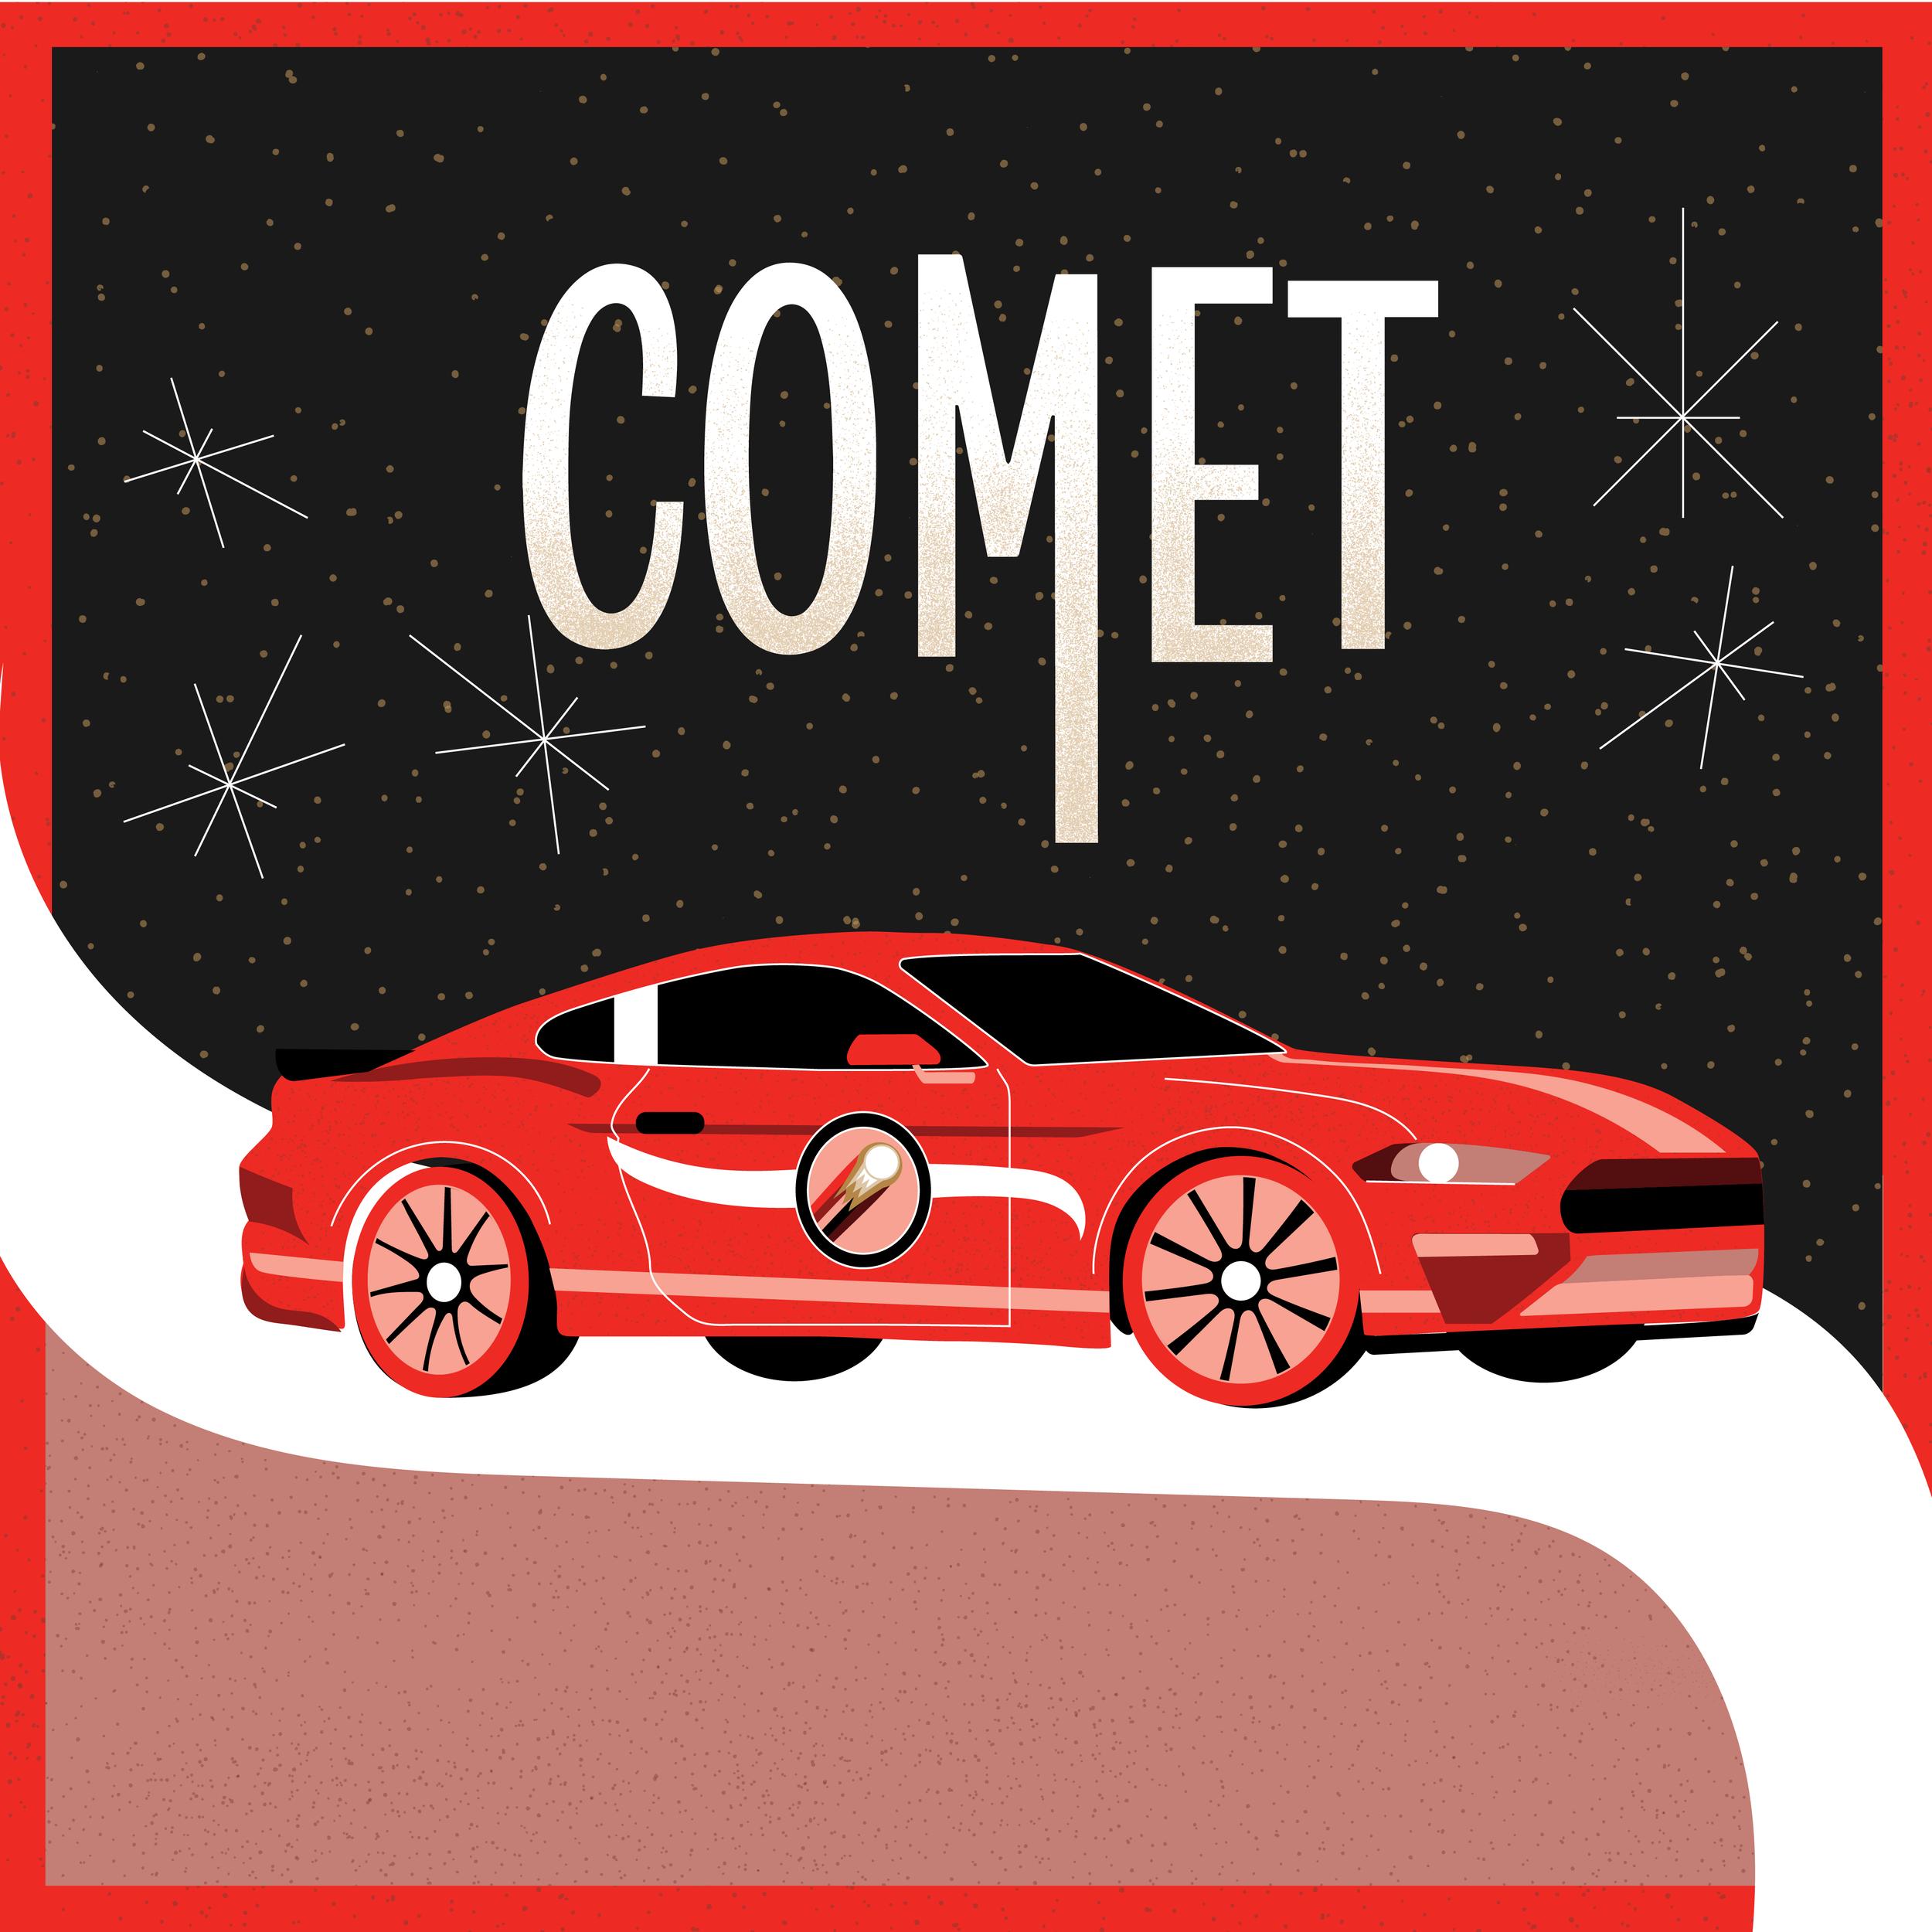 5 Comet final-01.png